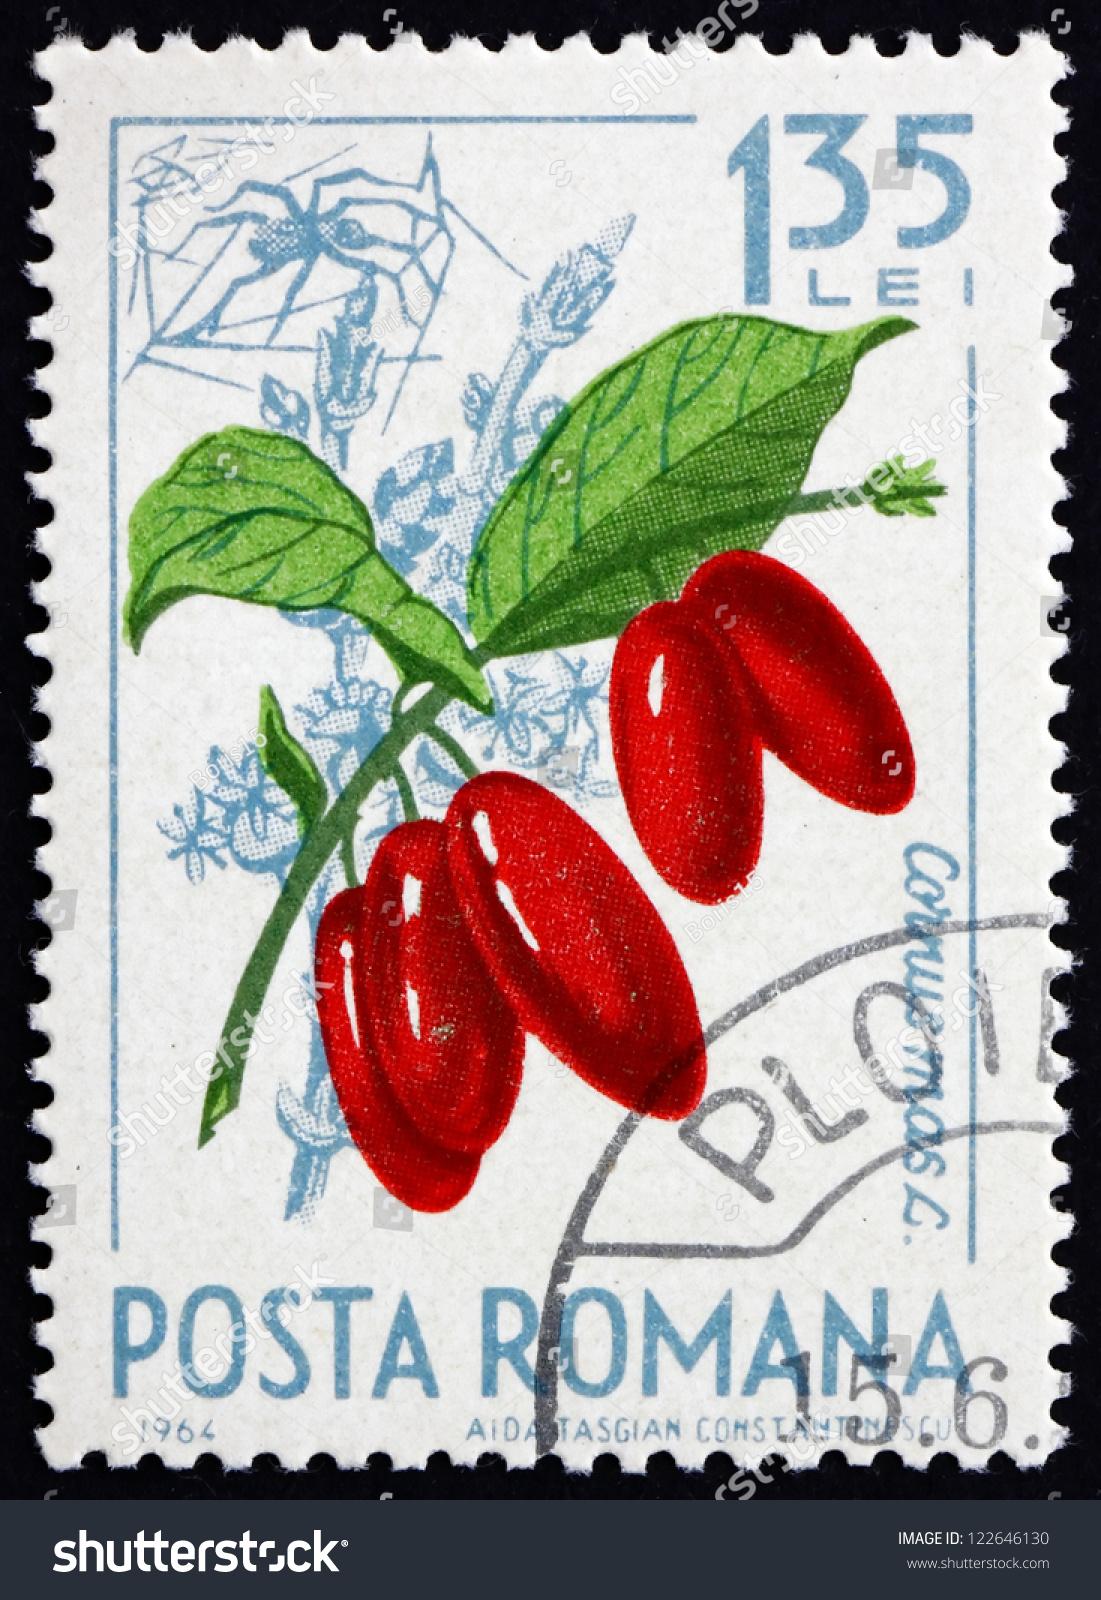 Romania circa 1964 a stamp printed in the romania shows cornelian cherries cornus mas - Romanian cherry tree varieties ...